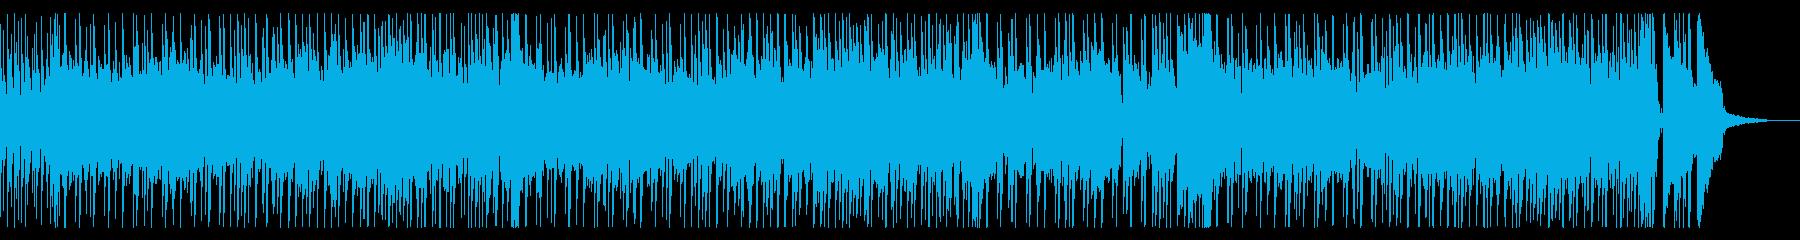 生々しいサウンドのバンドブルース!の再生済みの波形